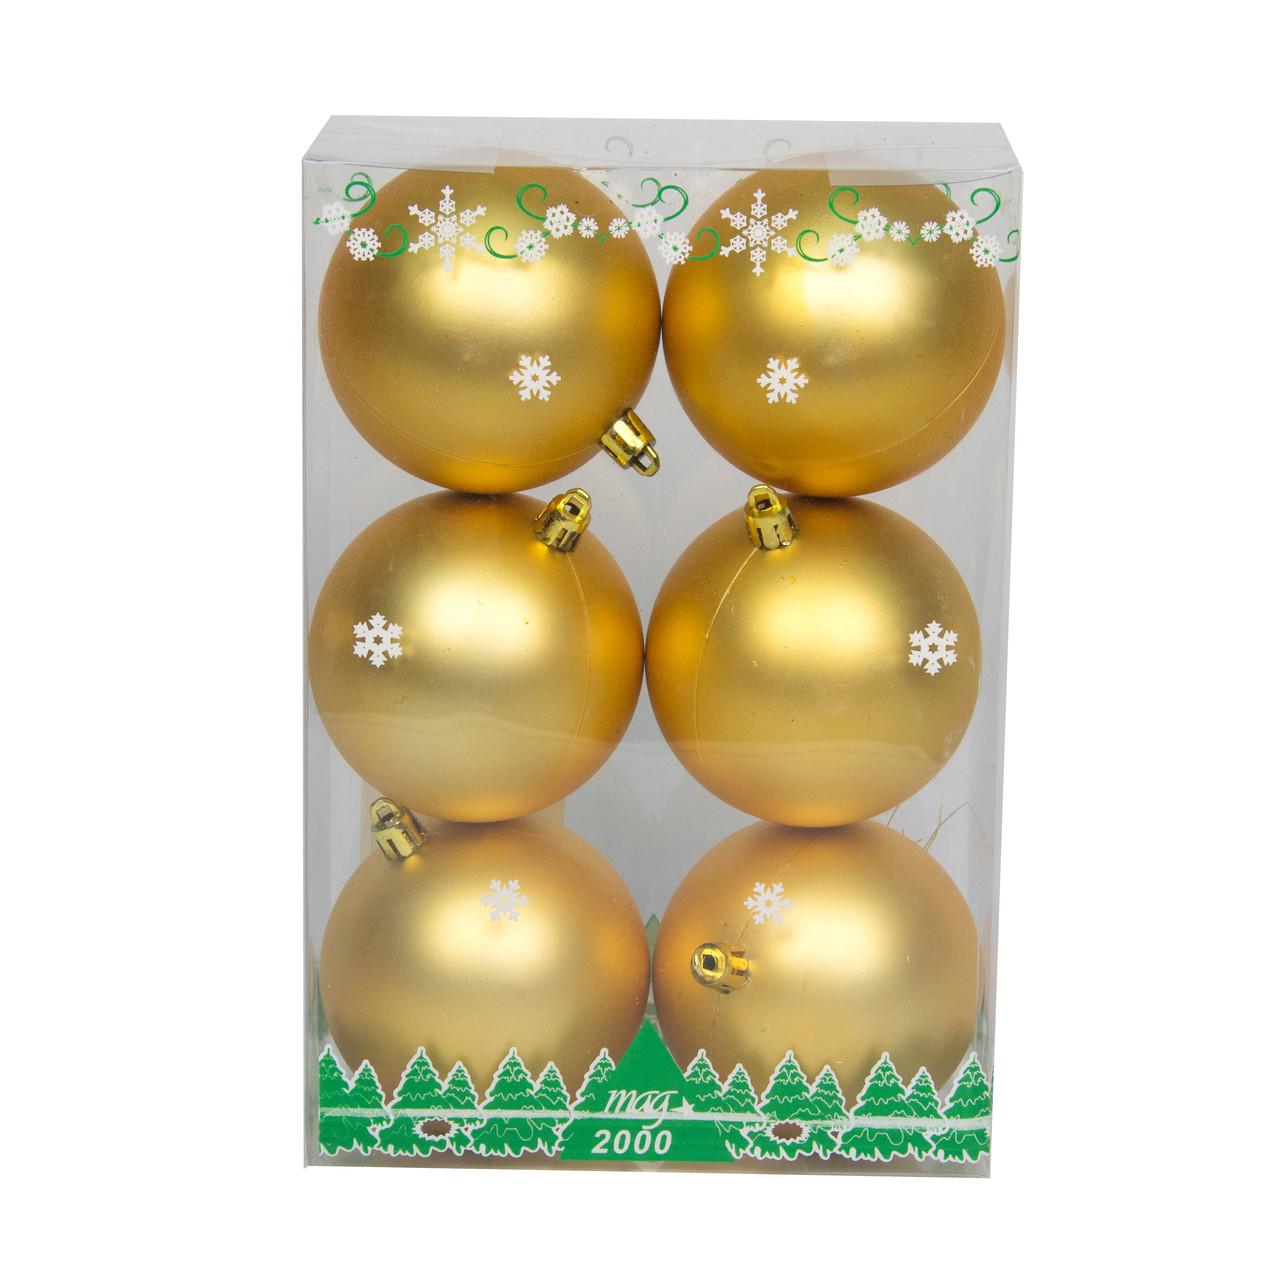 Набор елочных игрушек - шары в боксе, 6 шт, D8 см, золотистый, матовый, пластик (890780)